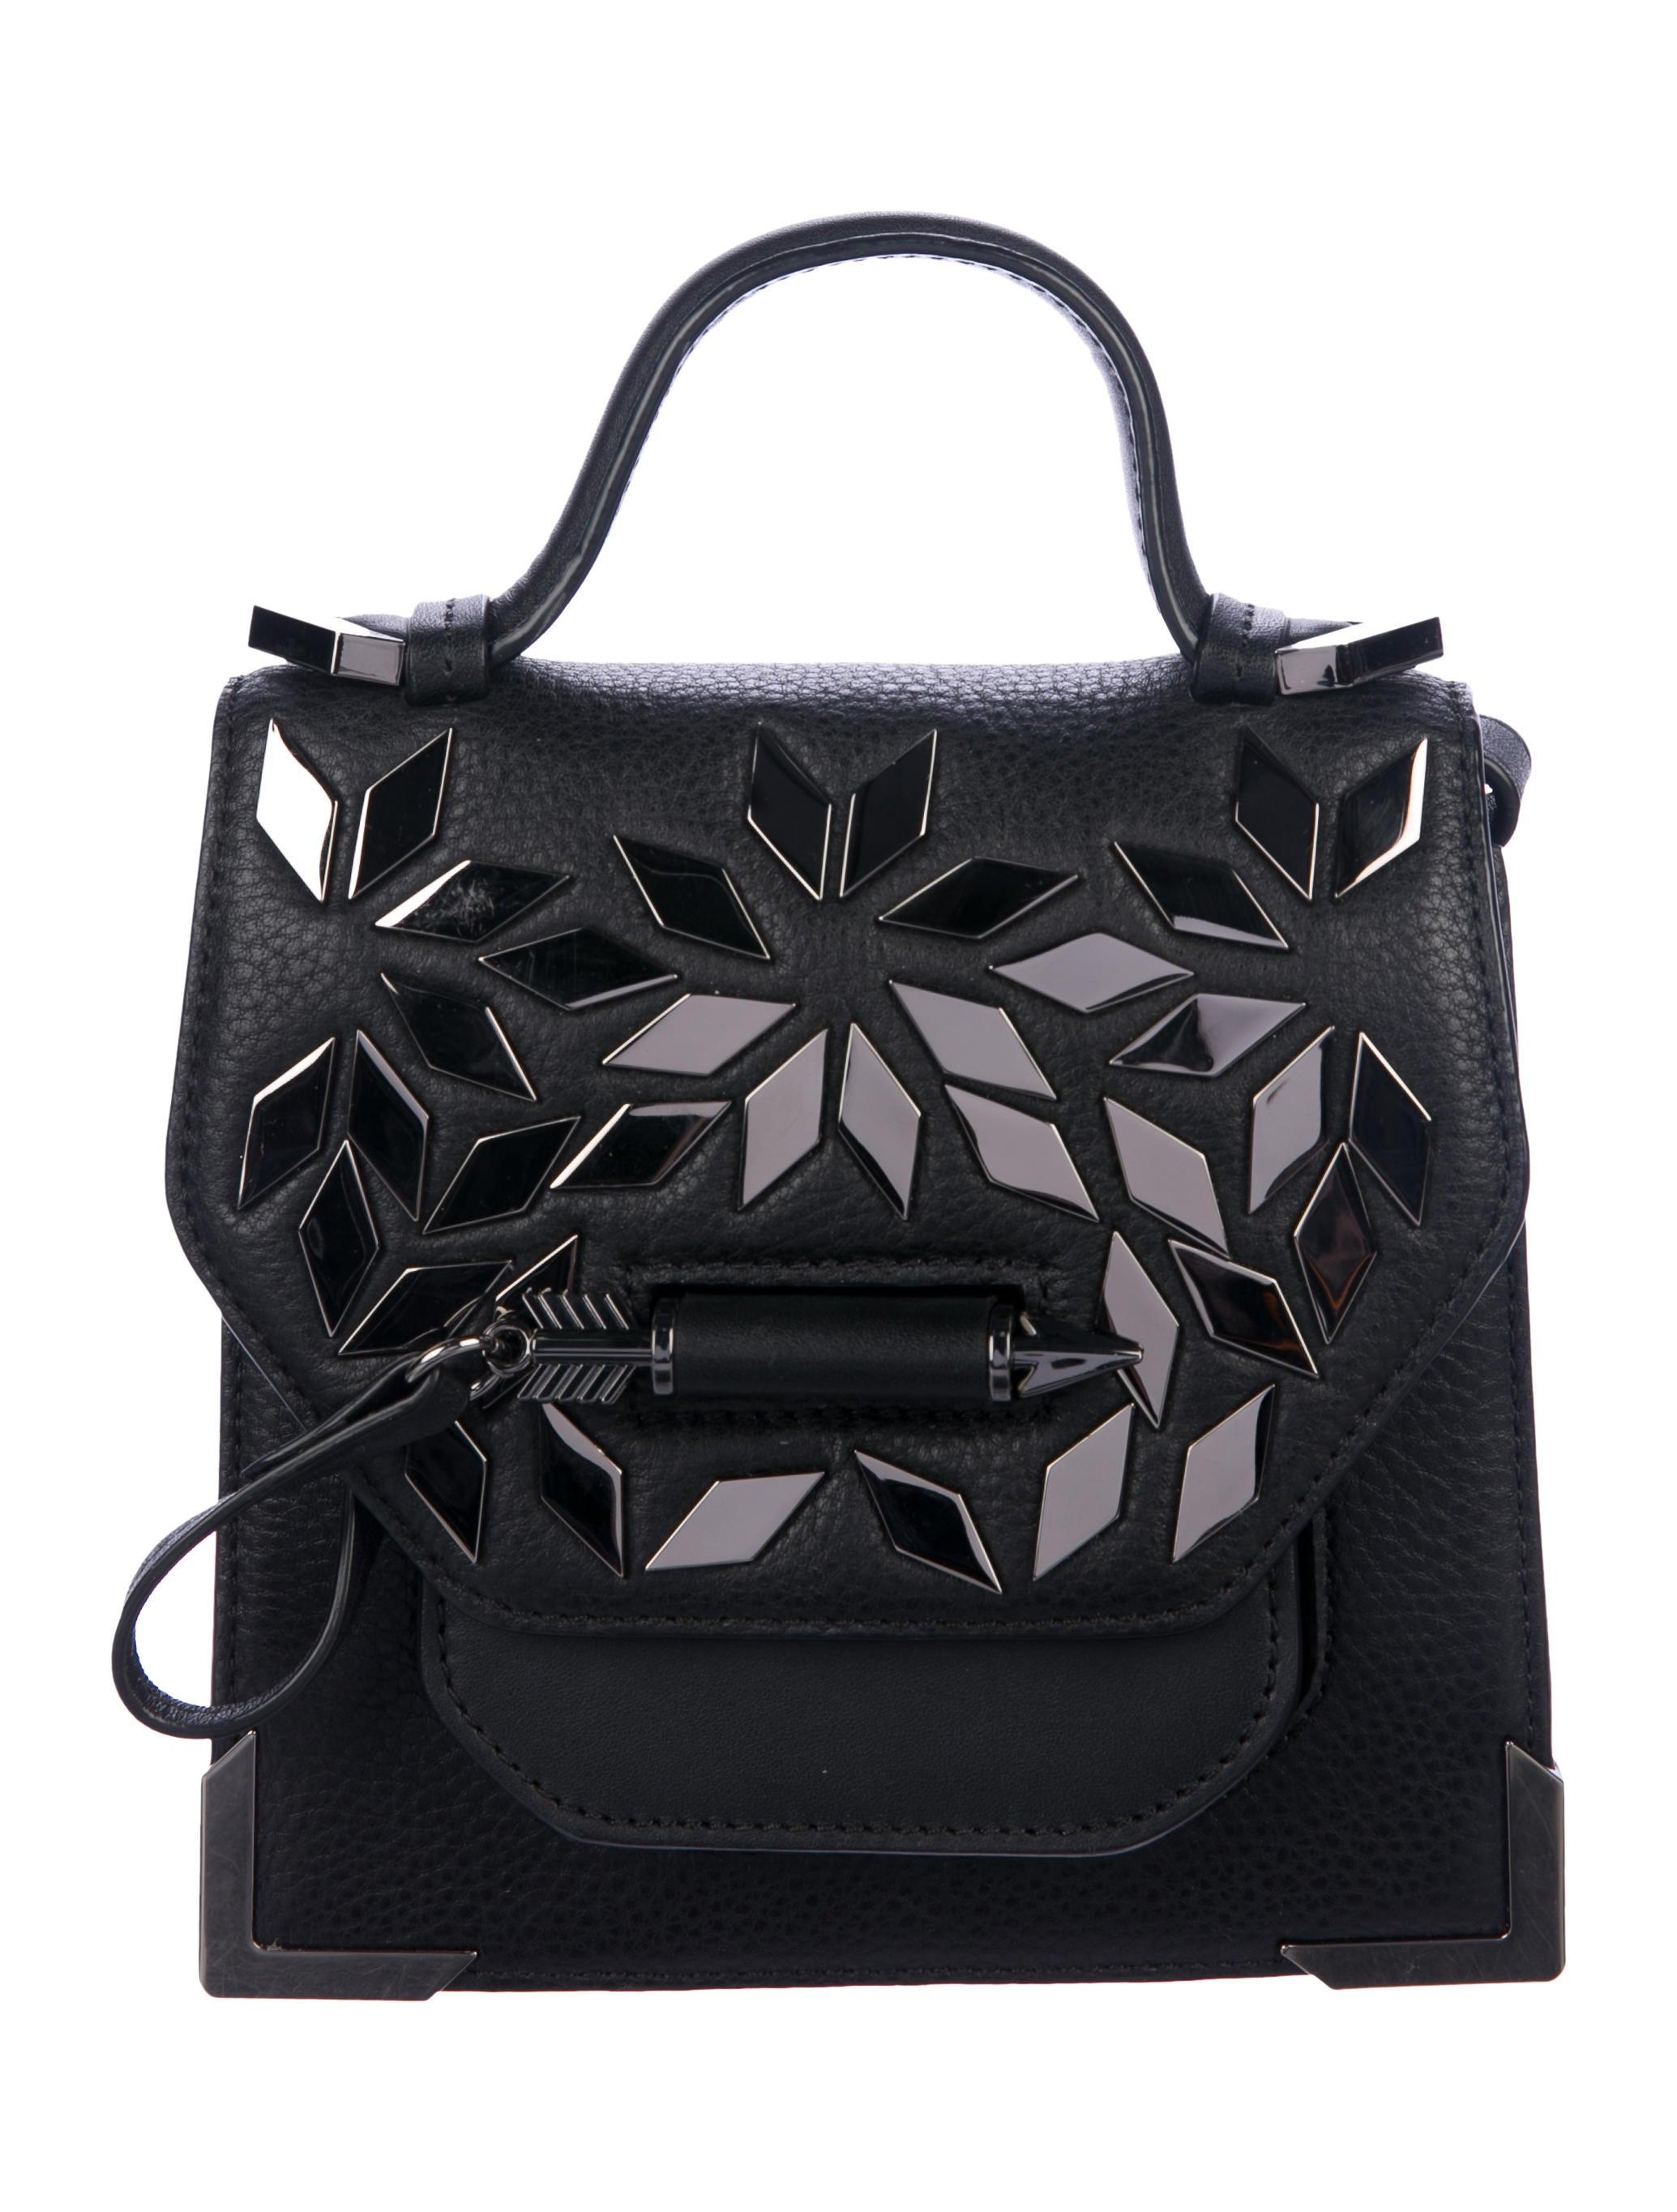 0de3a32002 Mackage Rubie Crossbody Bag w  Studs - Handbags - WHM22785